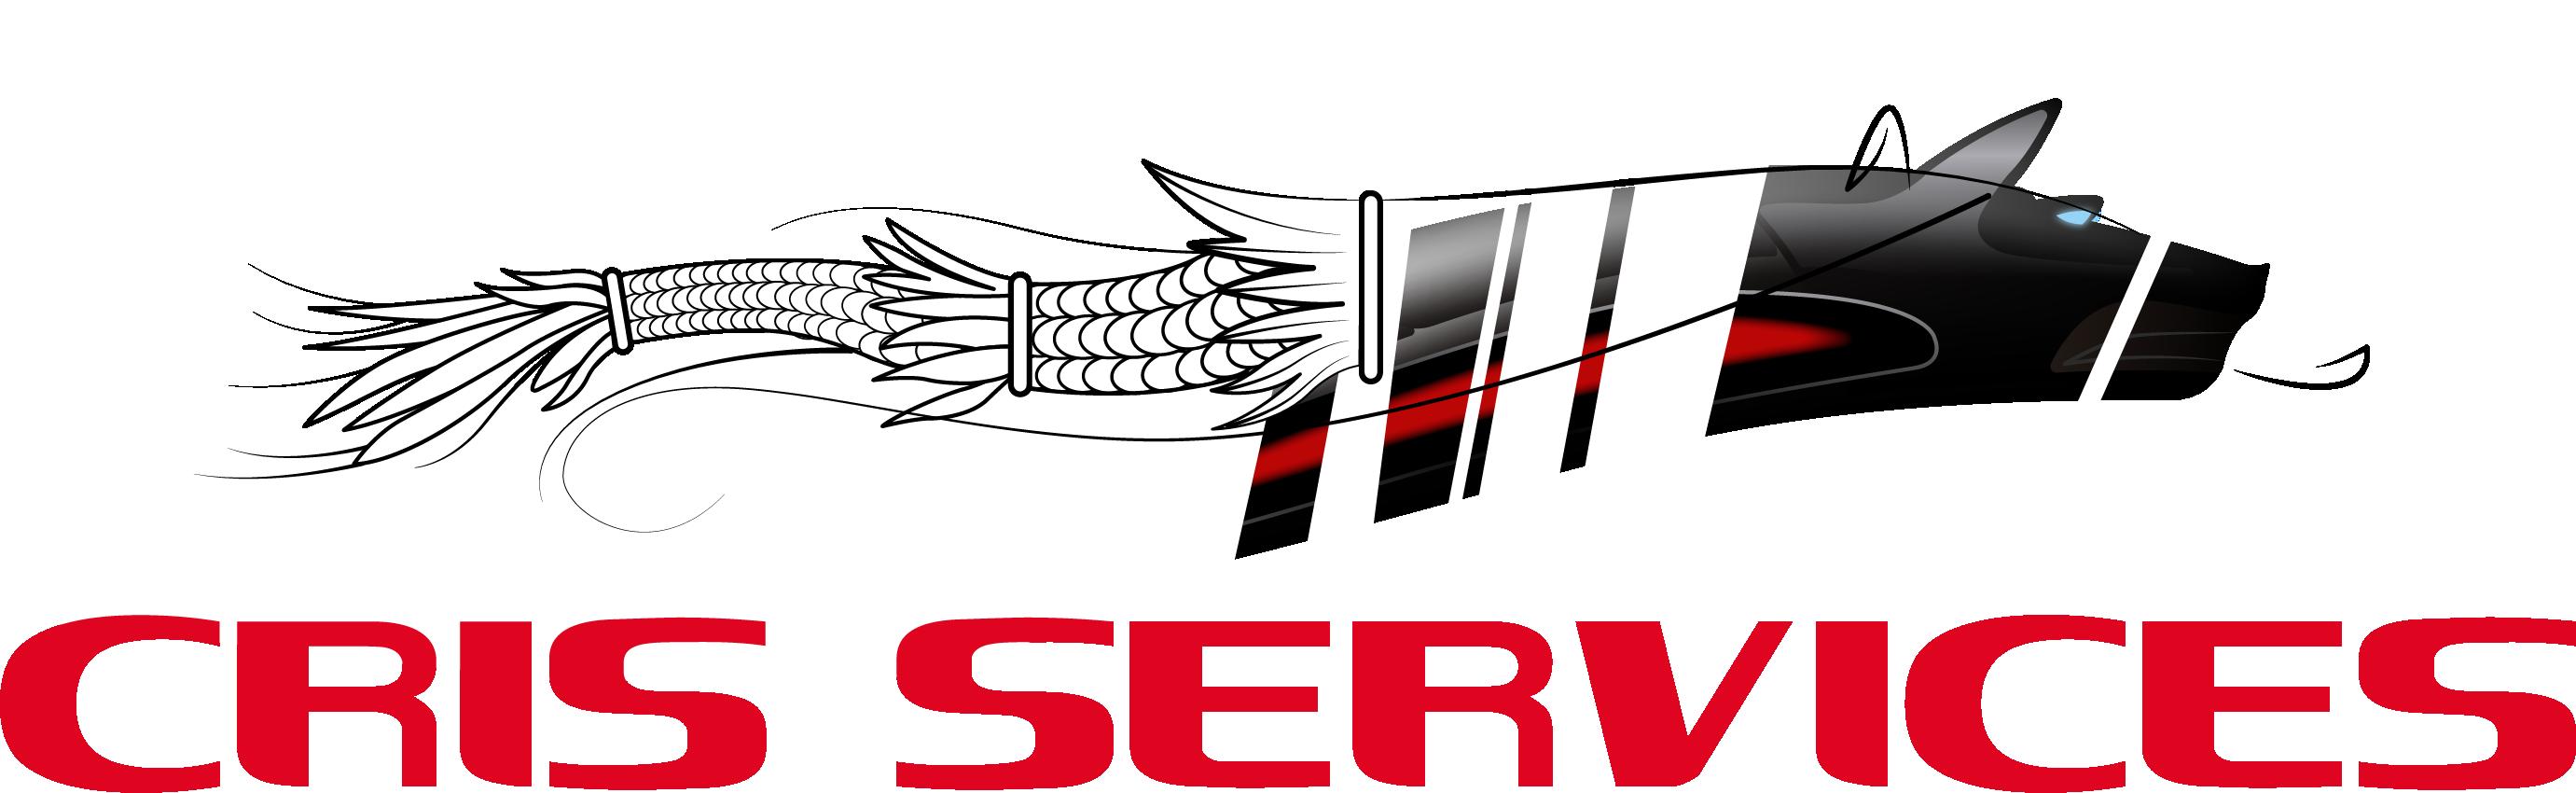 Cris Services